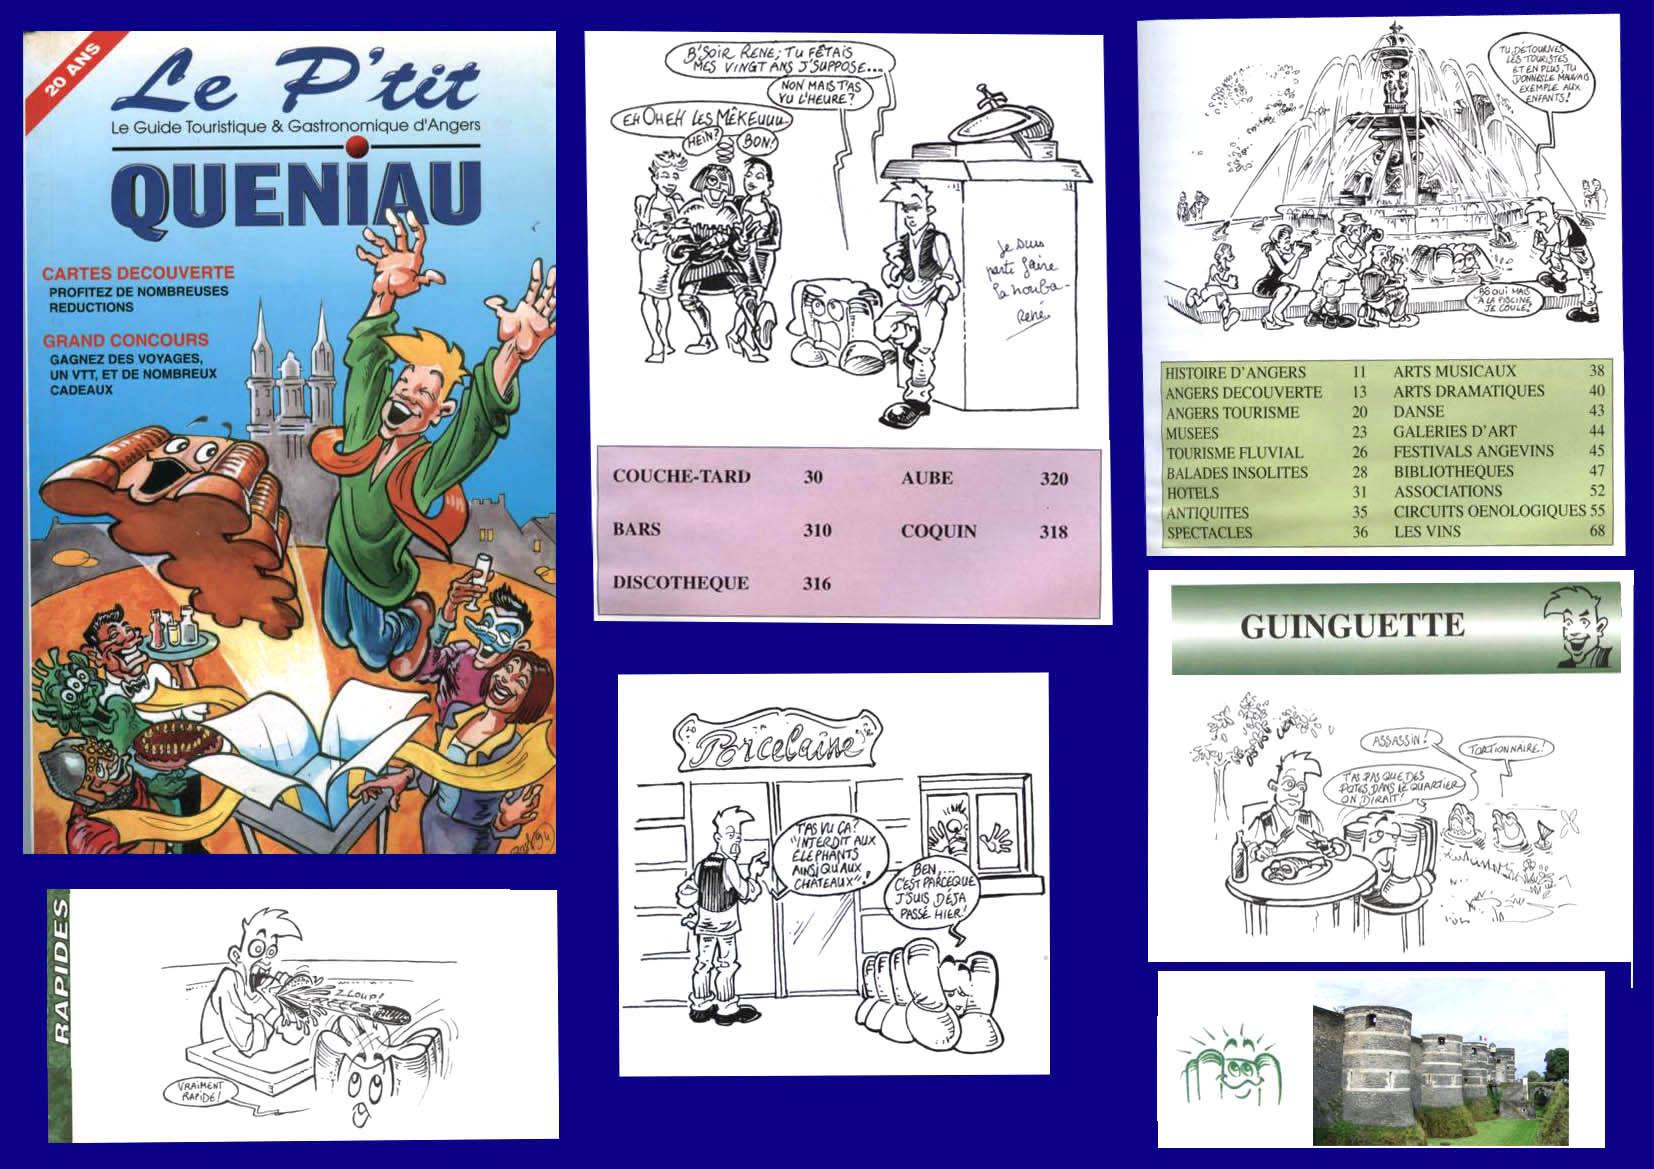 ptit queniau.guide touristique d'Angers 1995